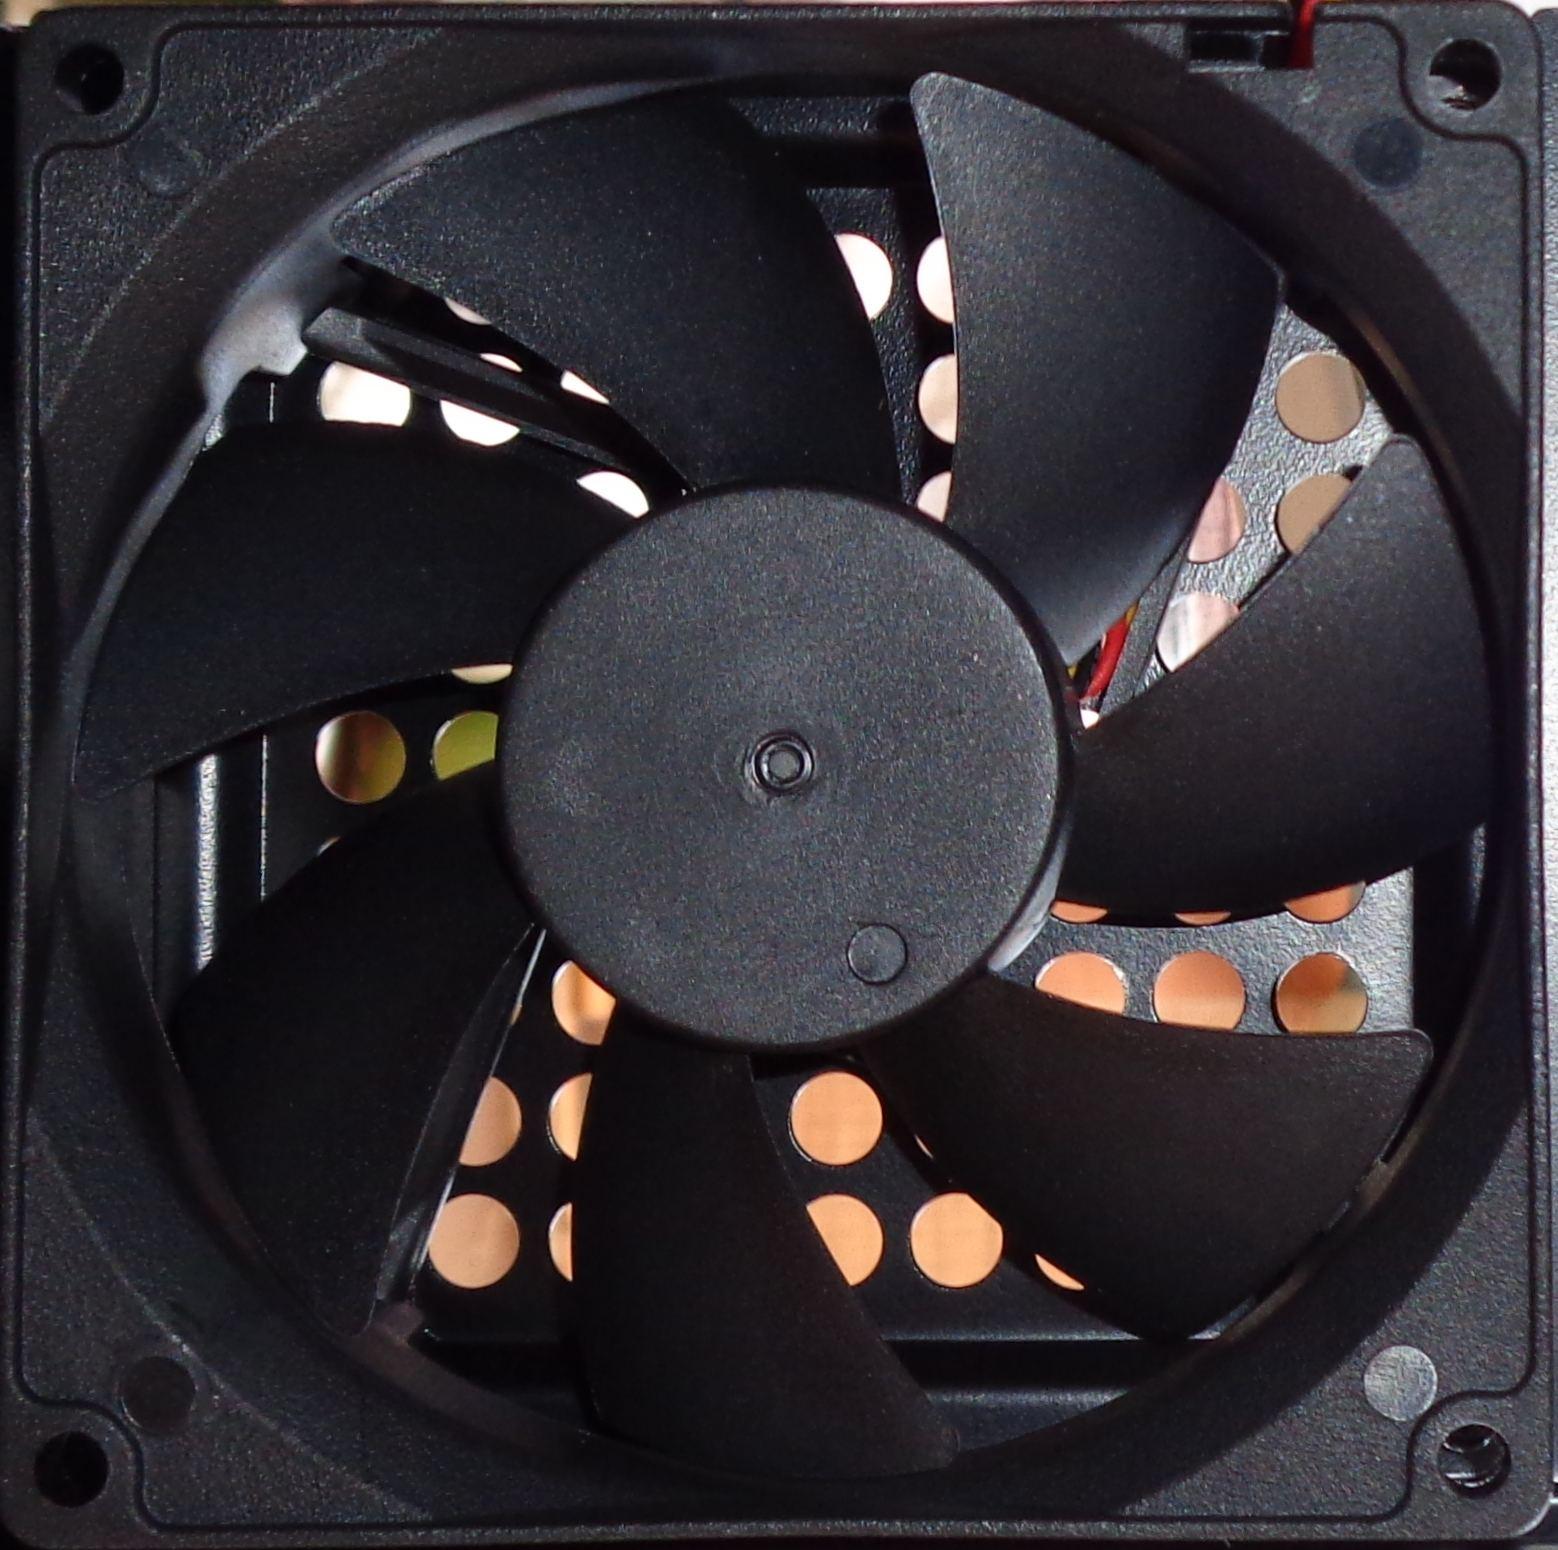 cougar qbx interieur ventilateur conseil config. Black Bedroom Furniture Sets. Home Design Ideas